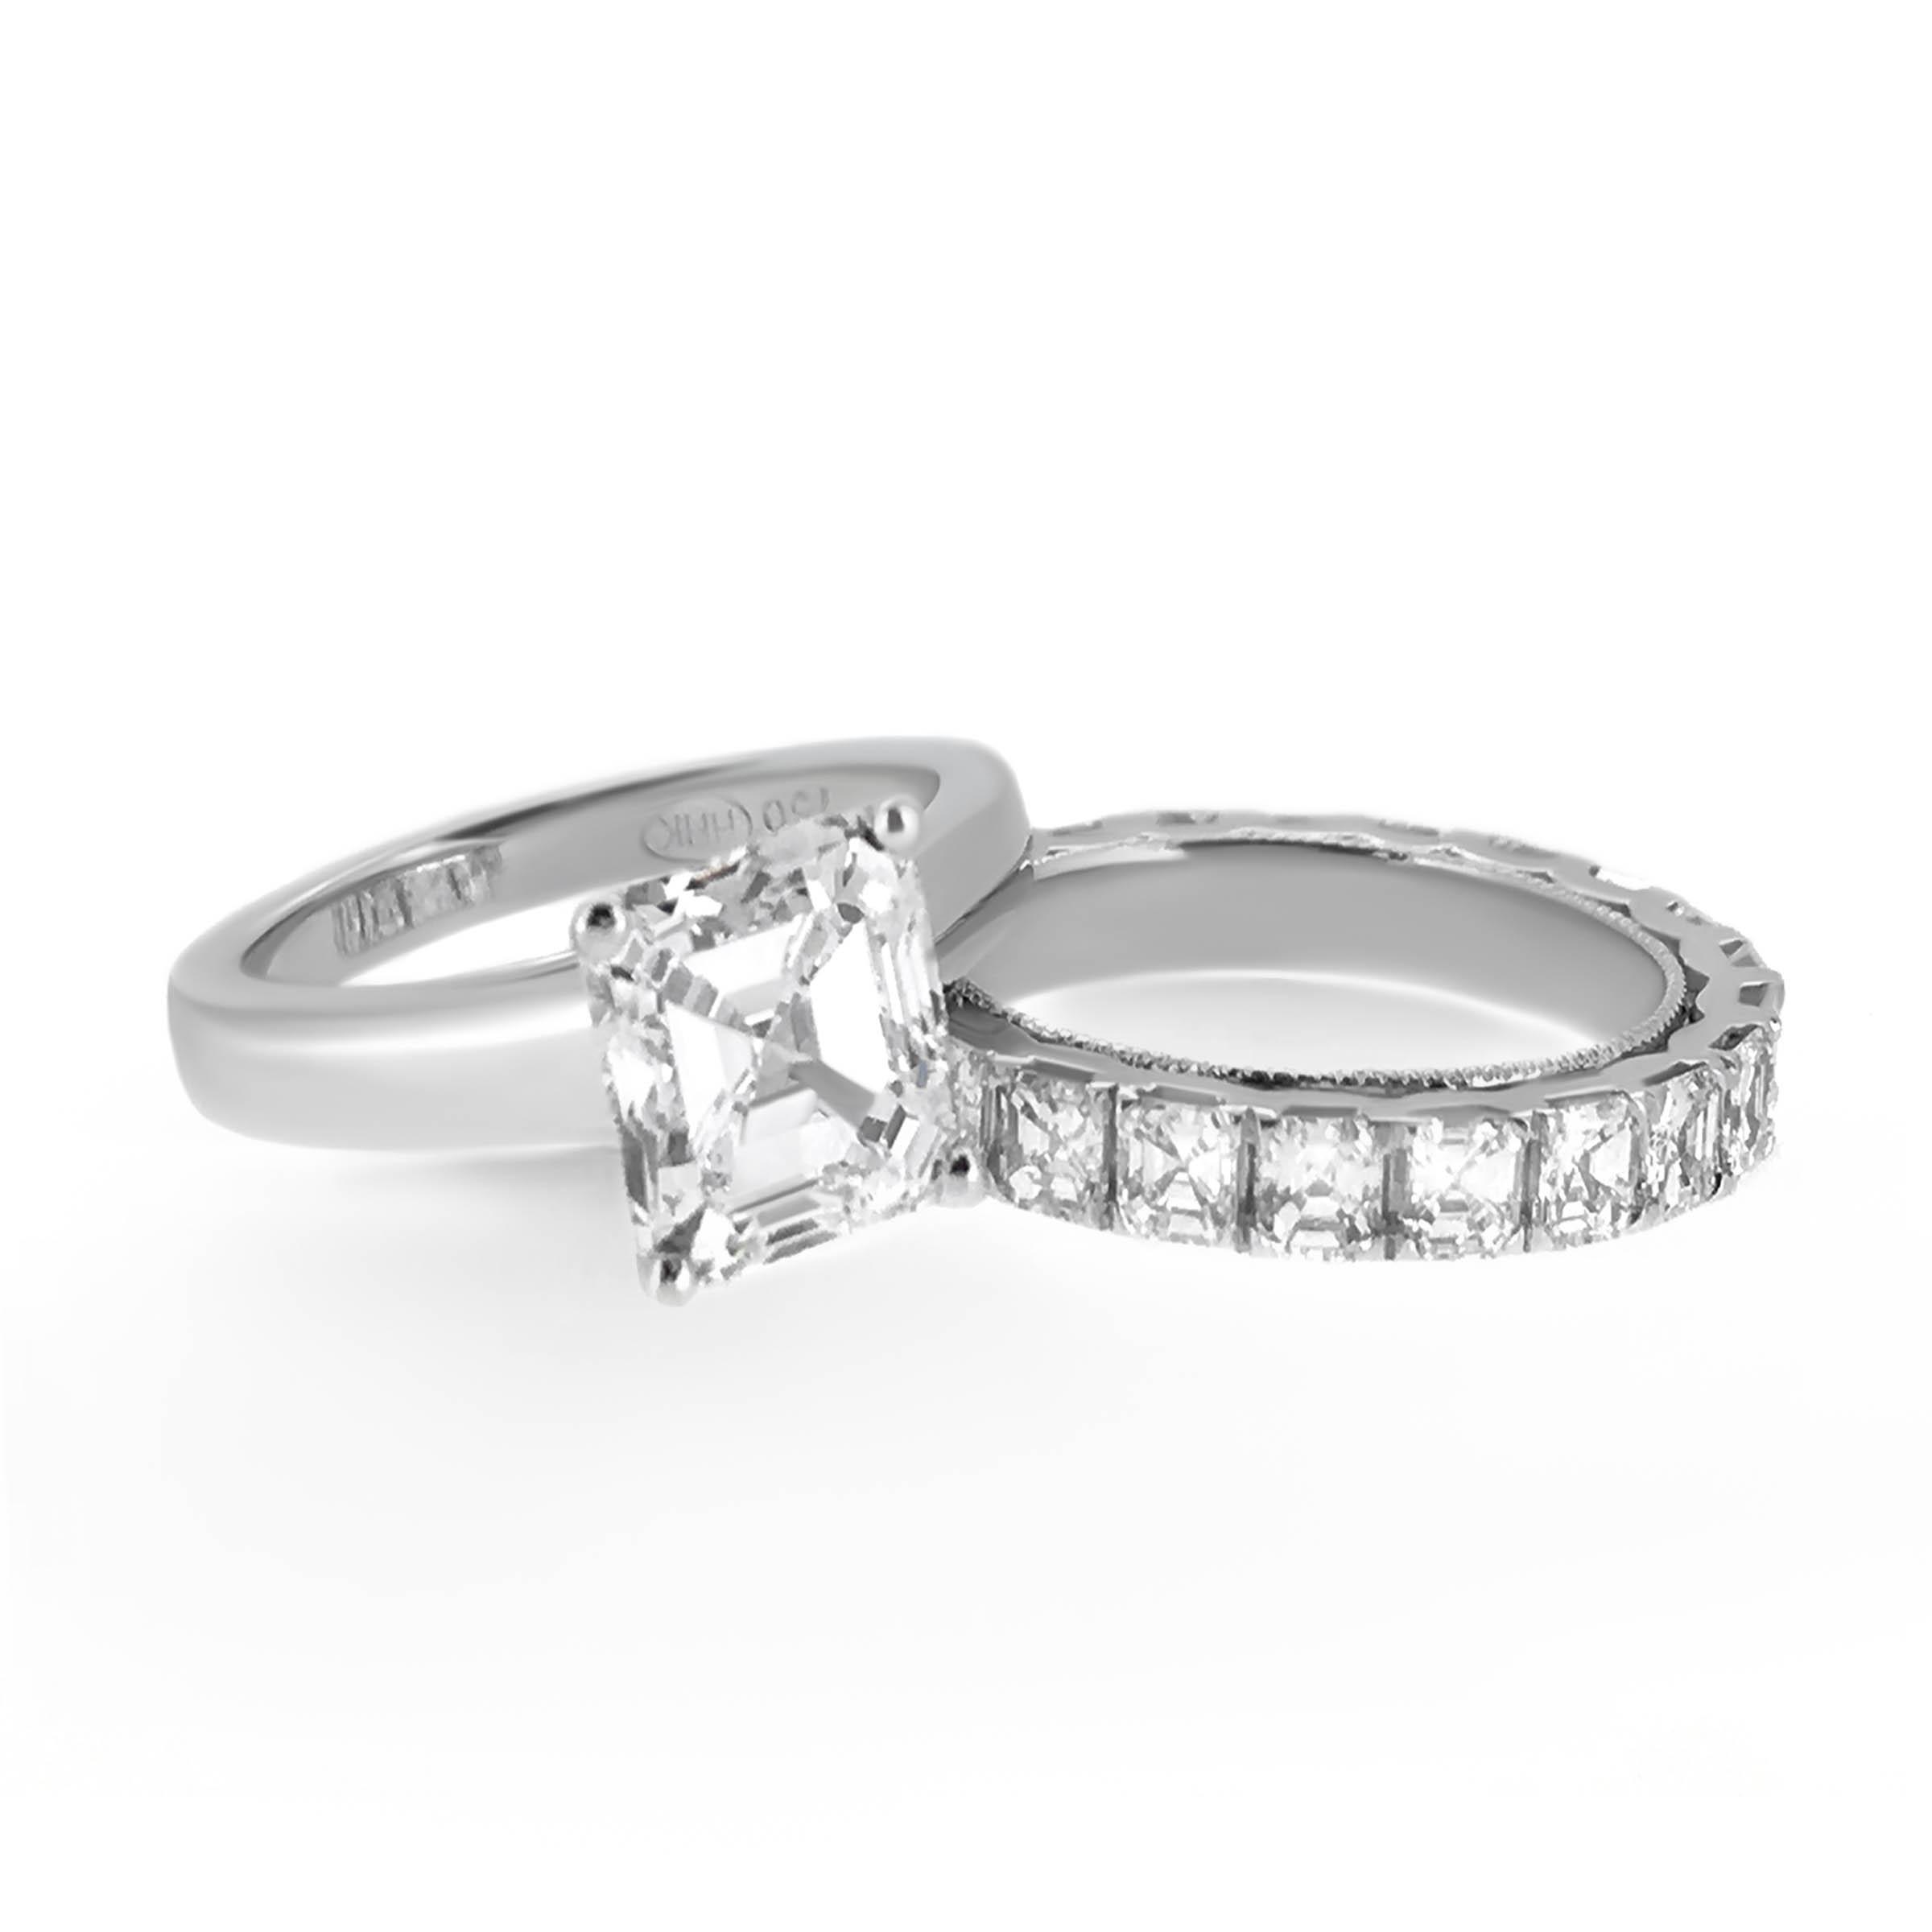 asscher cut diamond ring and wedding band- haywards of hong kong